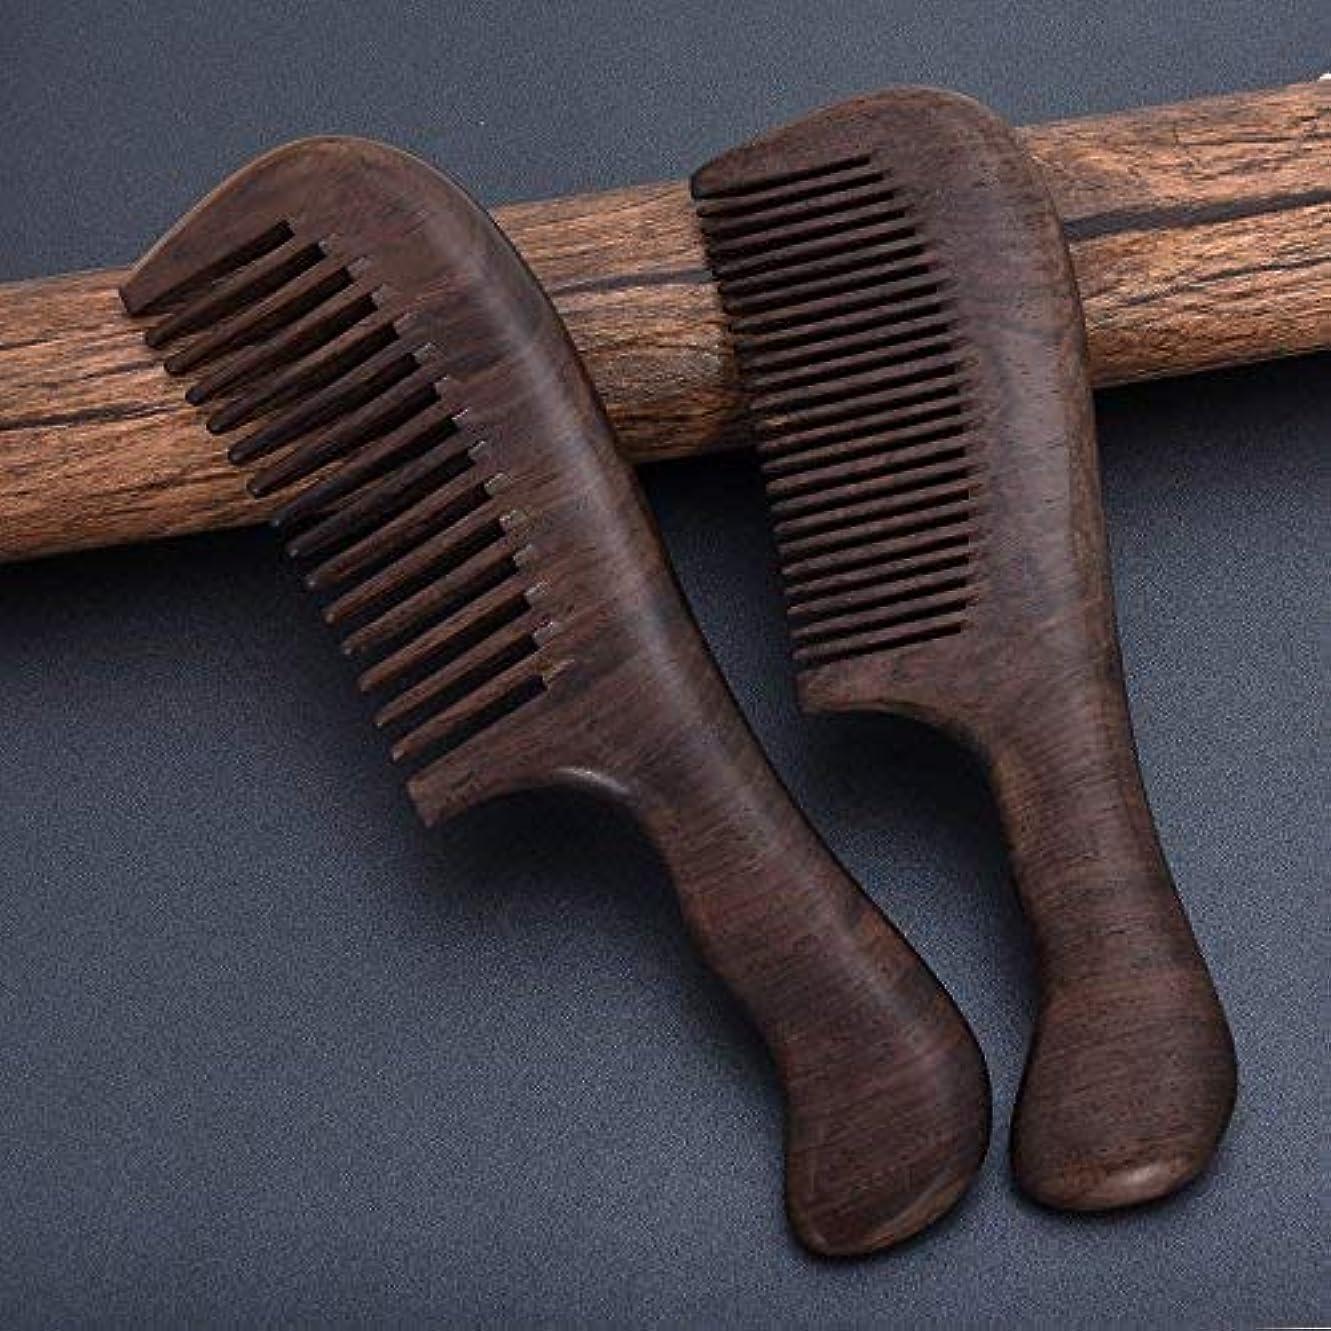 プリーツ本当のことを言うと更新するBlack Sandalwood Hair Comb, Pack of 2 Anti-static 8 inches Wooden Comb Set with Natural Aroma, A Standard Comb...